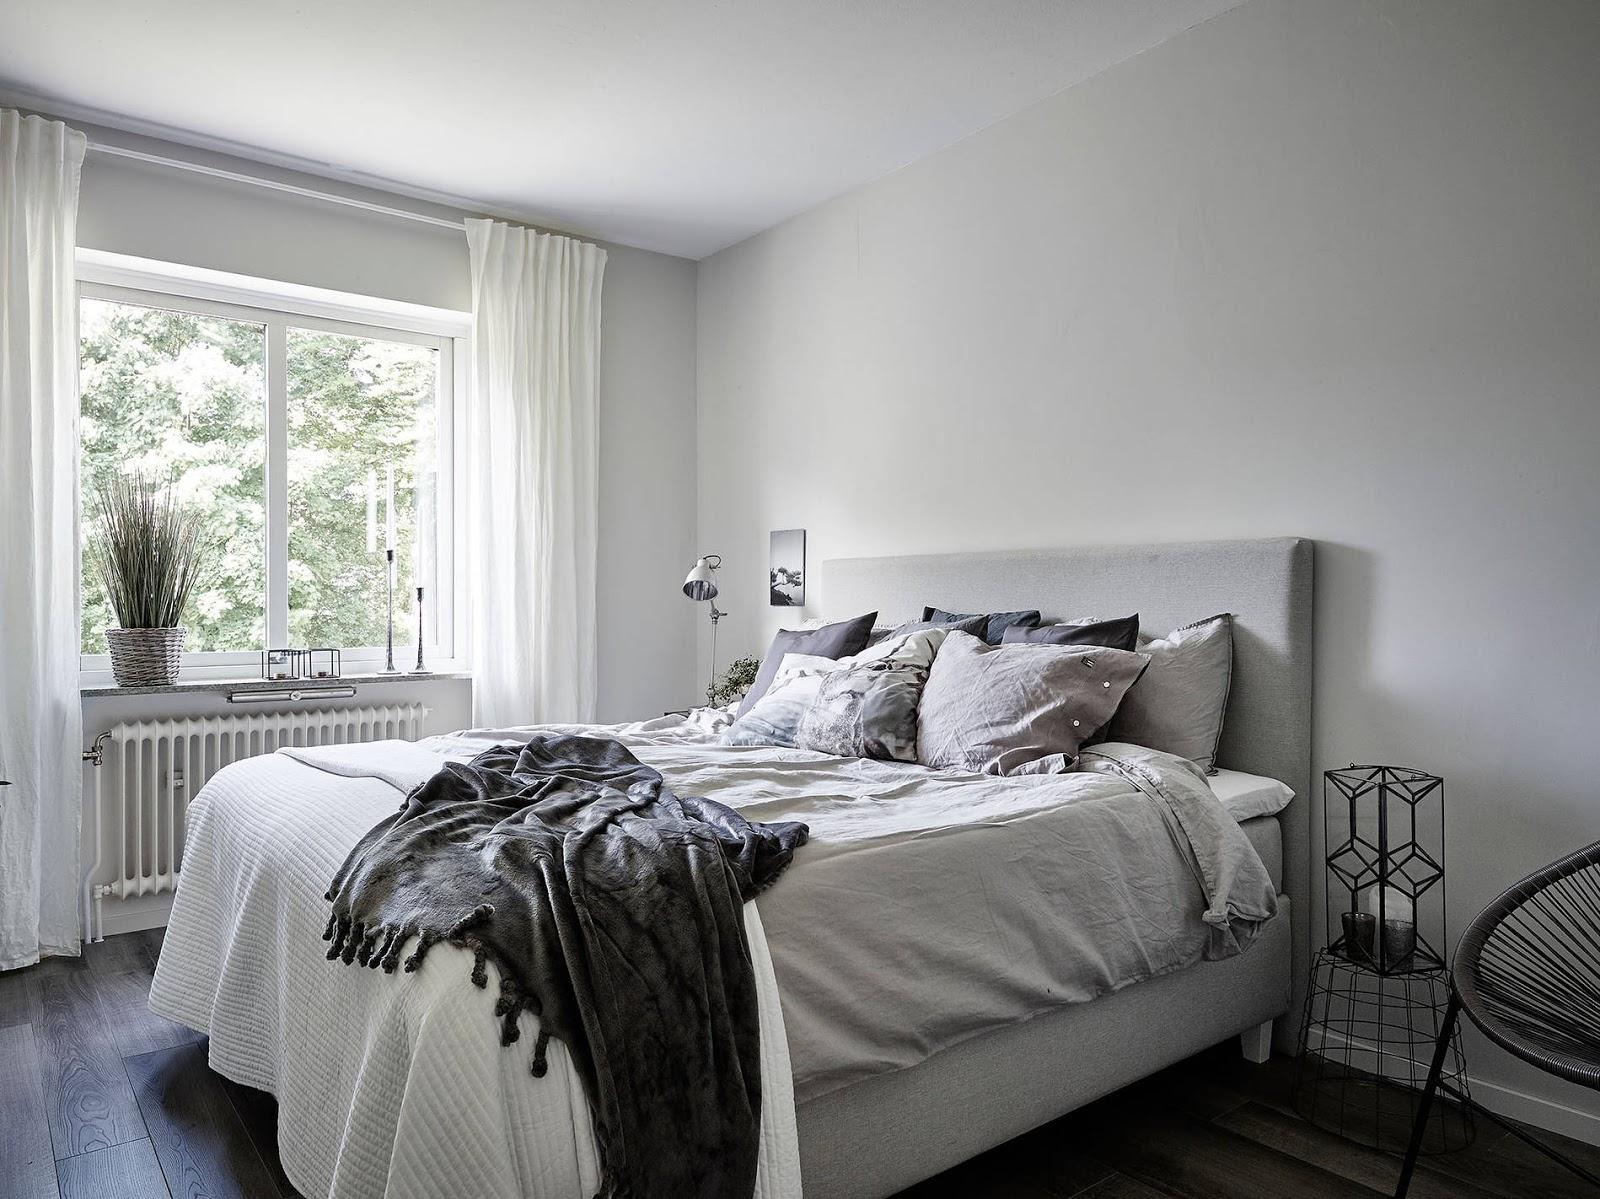 białe zasłony, sposoby na małą sypialnie, IKEA